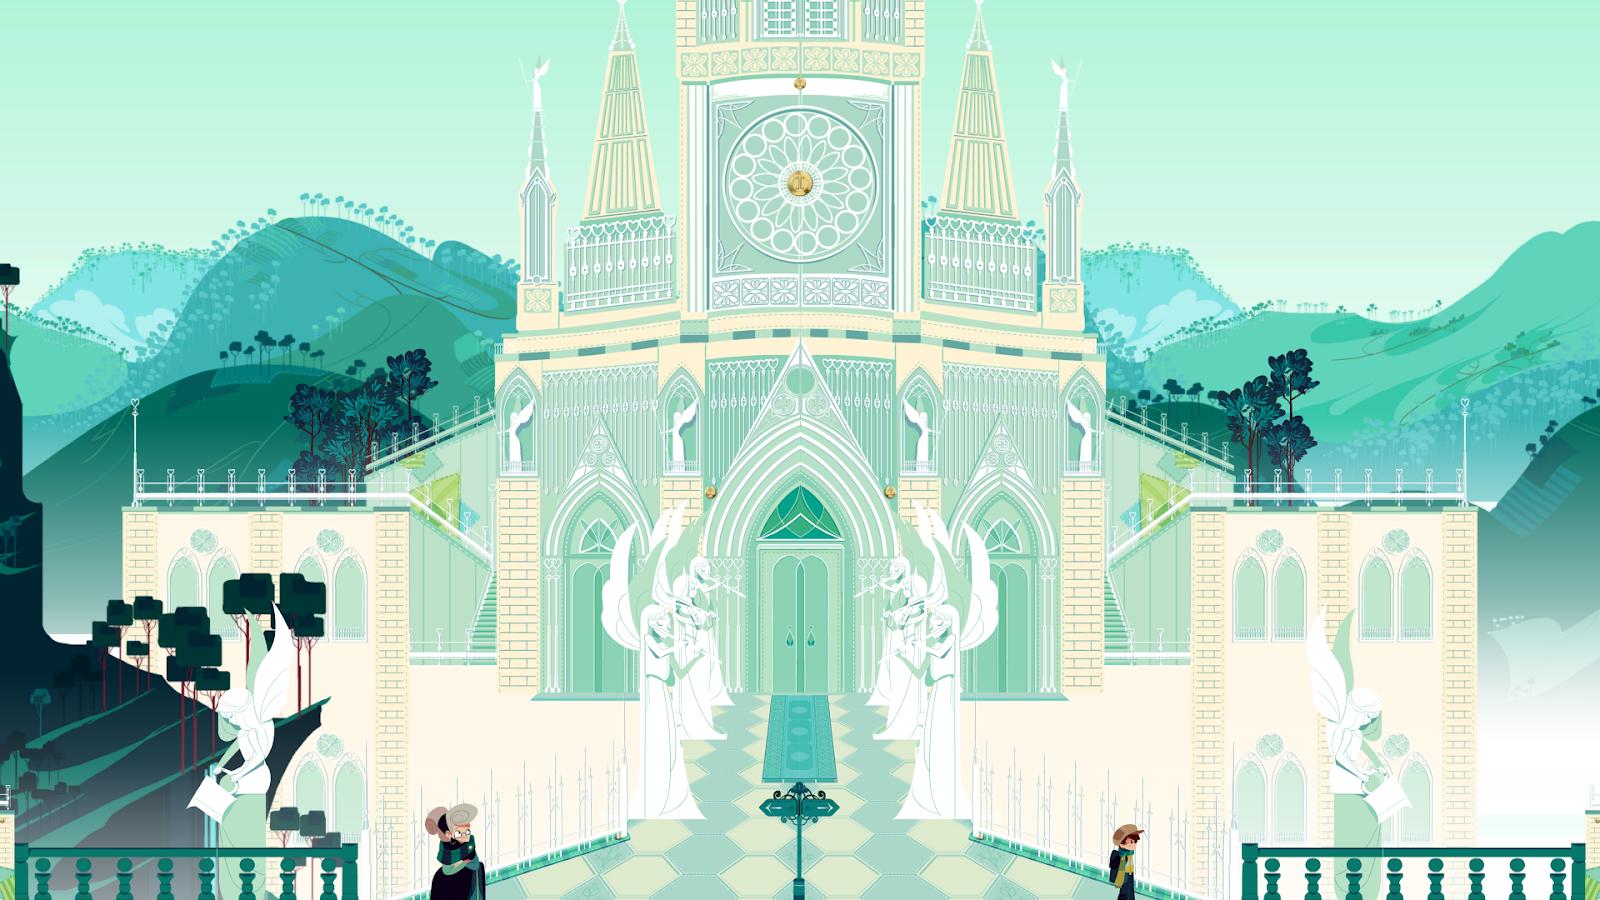 《水晶传说》的精妙设计:现实场景转换成游戏画面